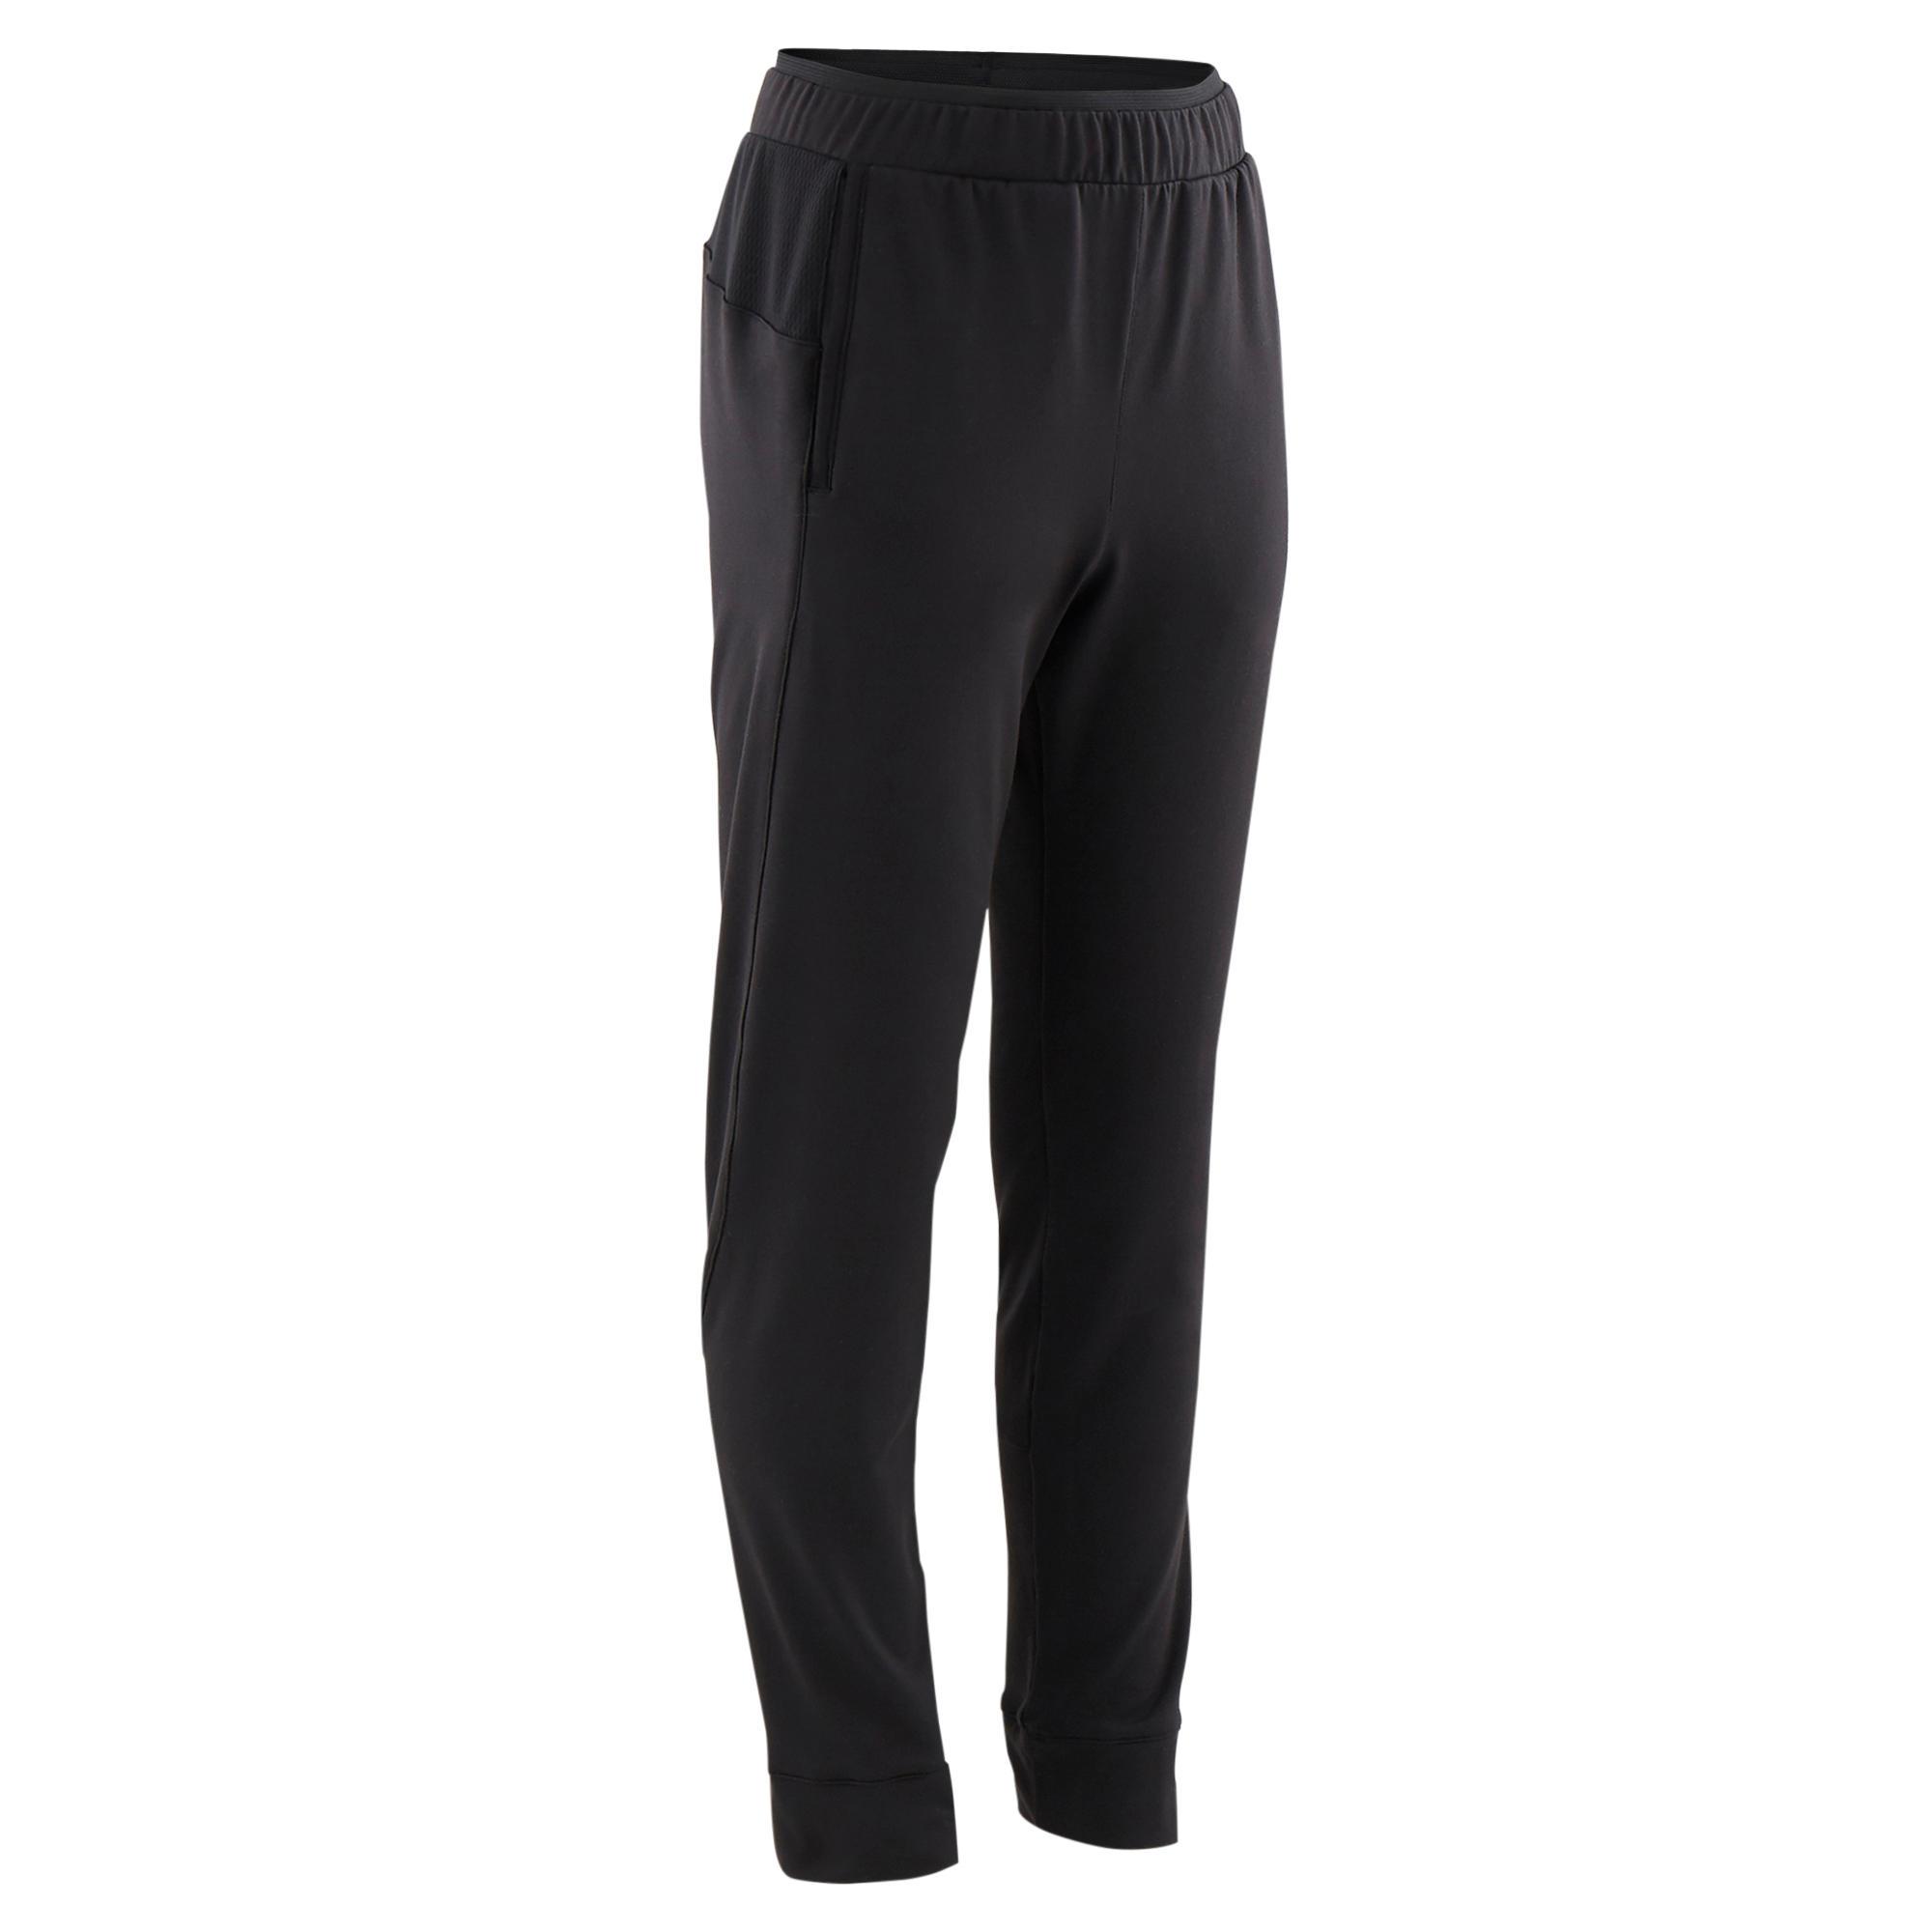 Pantalon S500 Băieți